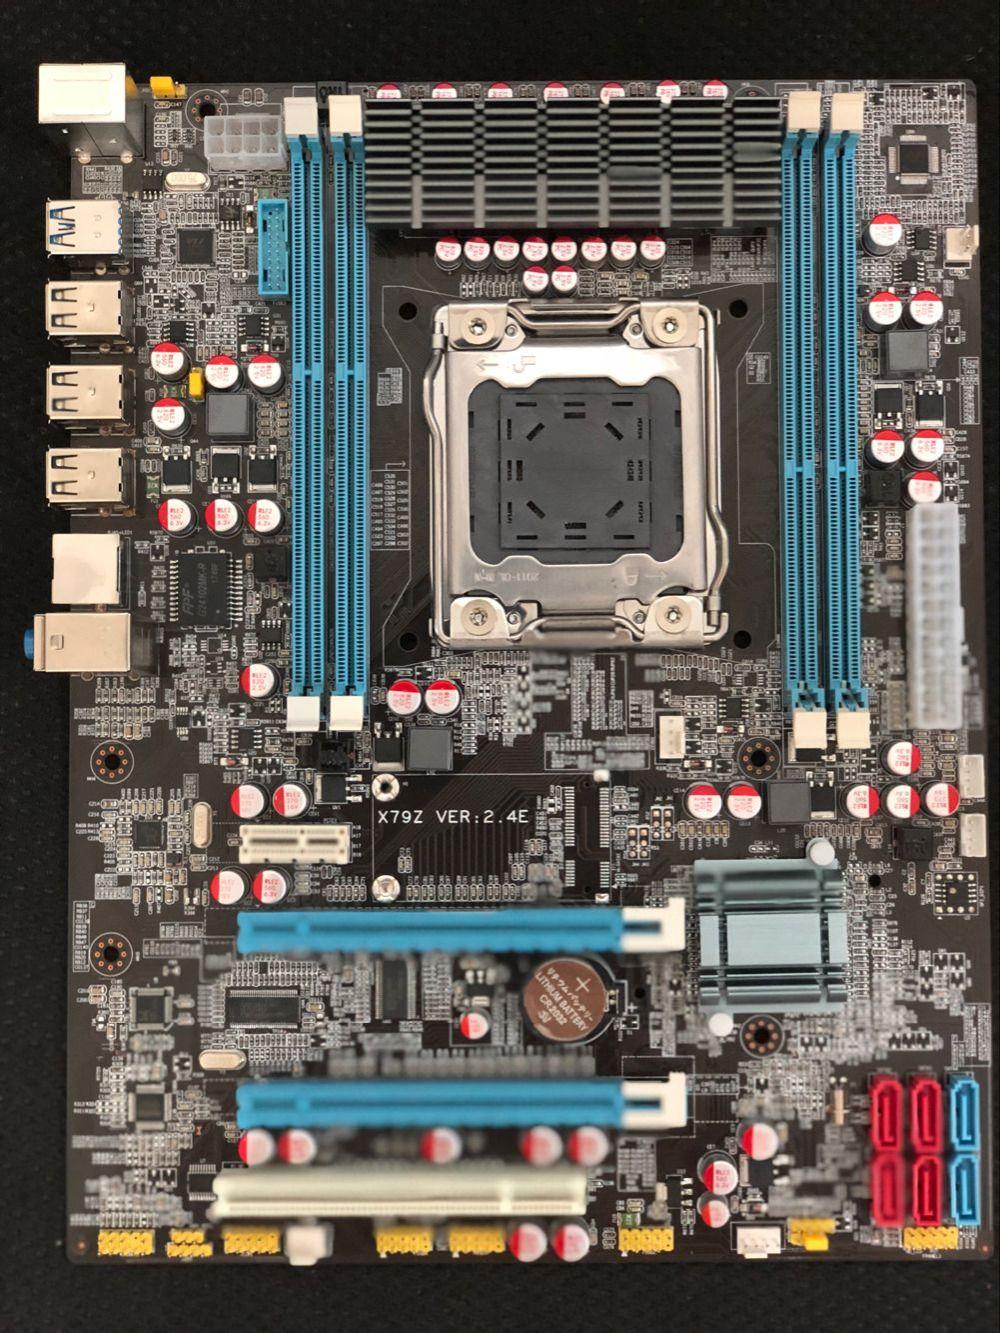 100% OEM New X79Z E5 2.4E Desktop Motherboard X79 LGA 2011 For I7 E5-V1 E5-V2 DDR3/ECC 64G 2*PCI-E SATA3 USB3.0 All-Solid ATX